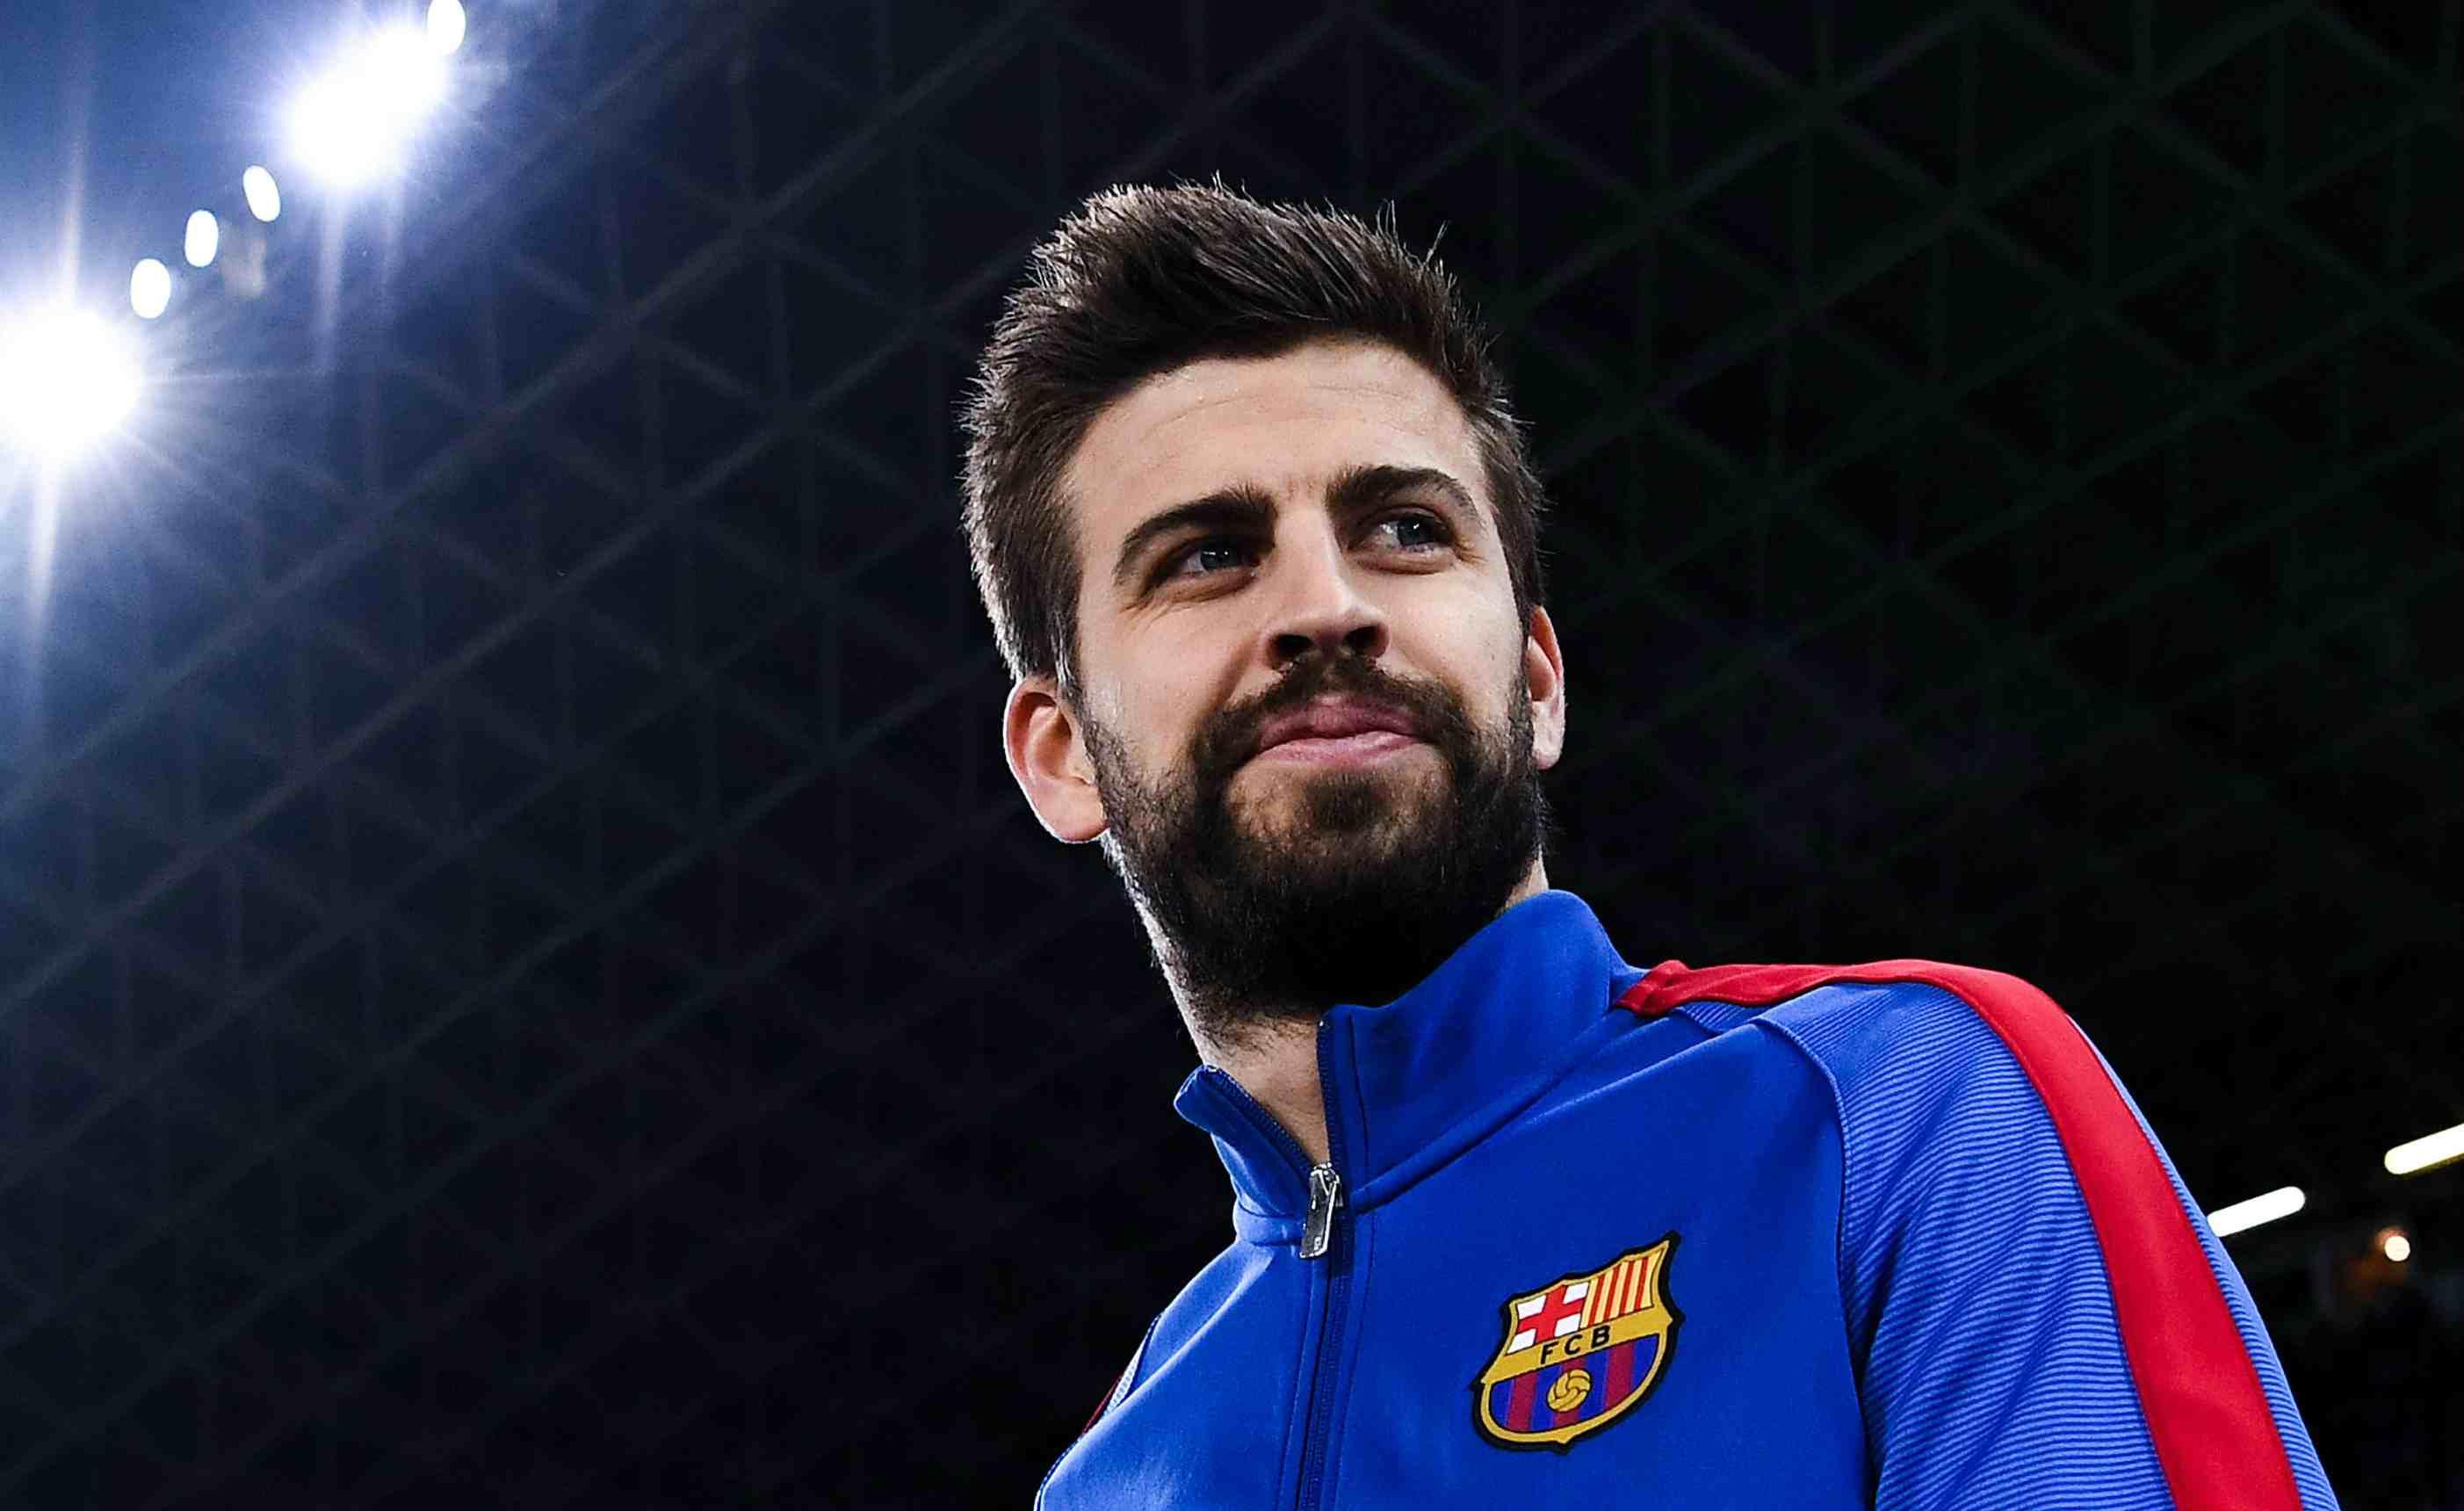 El club azulgrana cerró el contrato con una cláusula de rescisión de 500 millones de euros para le jugador que culminará el acuerdo con 35 años de edad para convertirse en leyenda del Barca